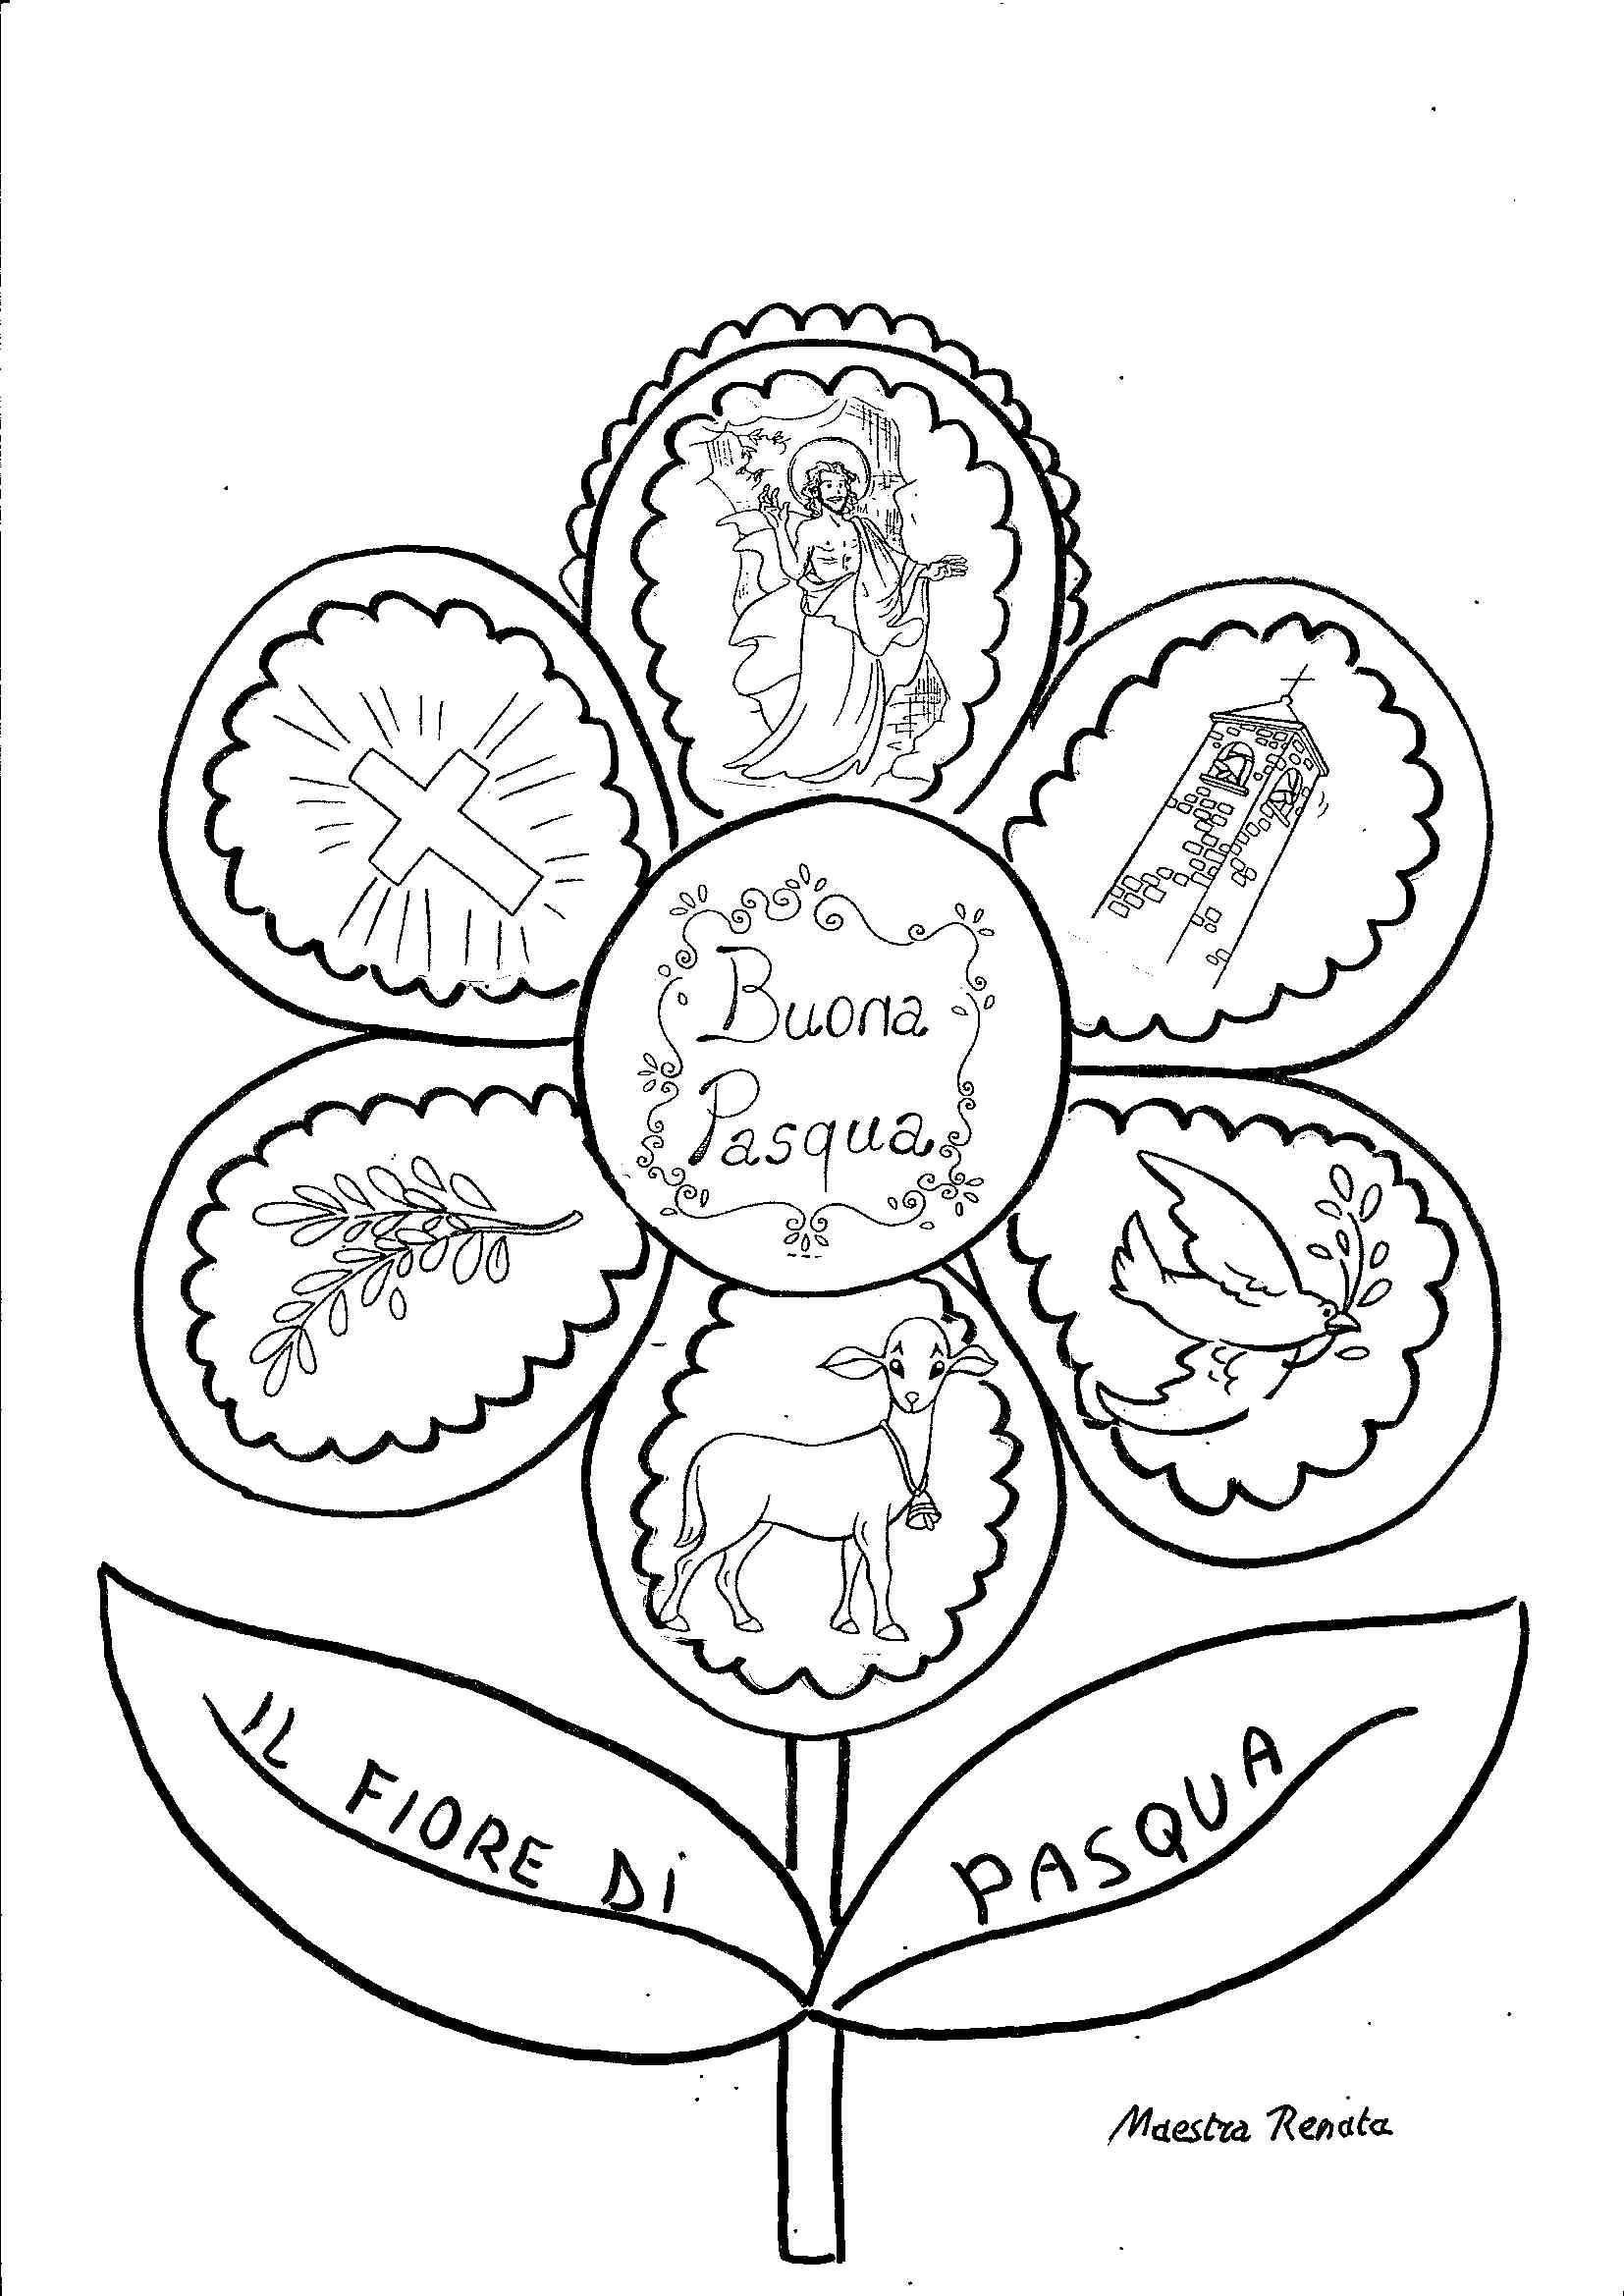 Collegamento plastica pinterest pasqua religione e for Maestra renata